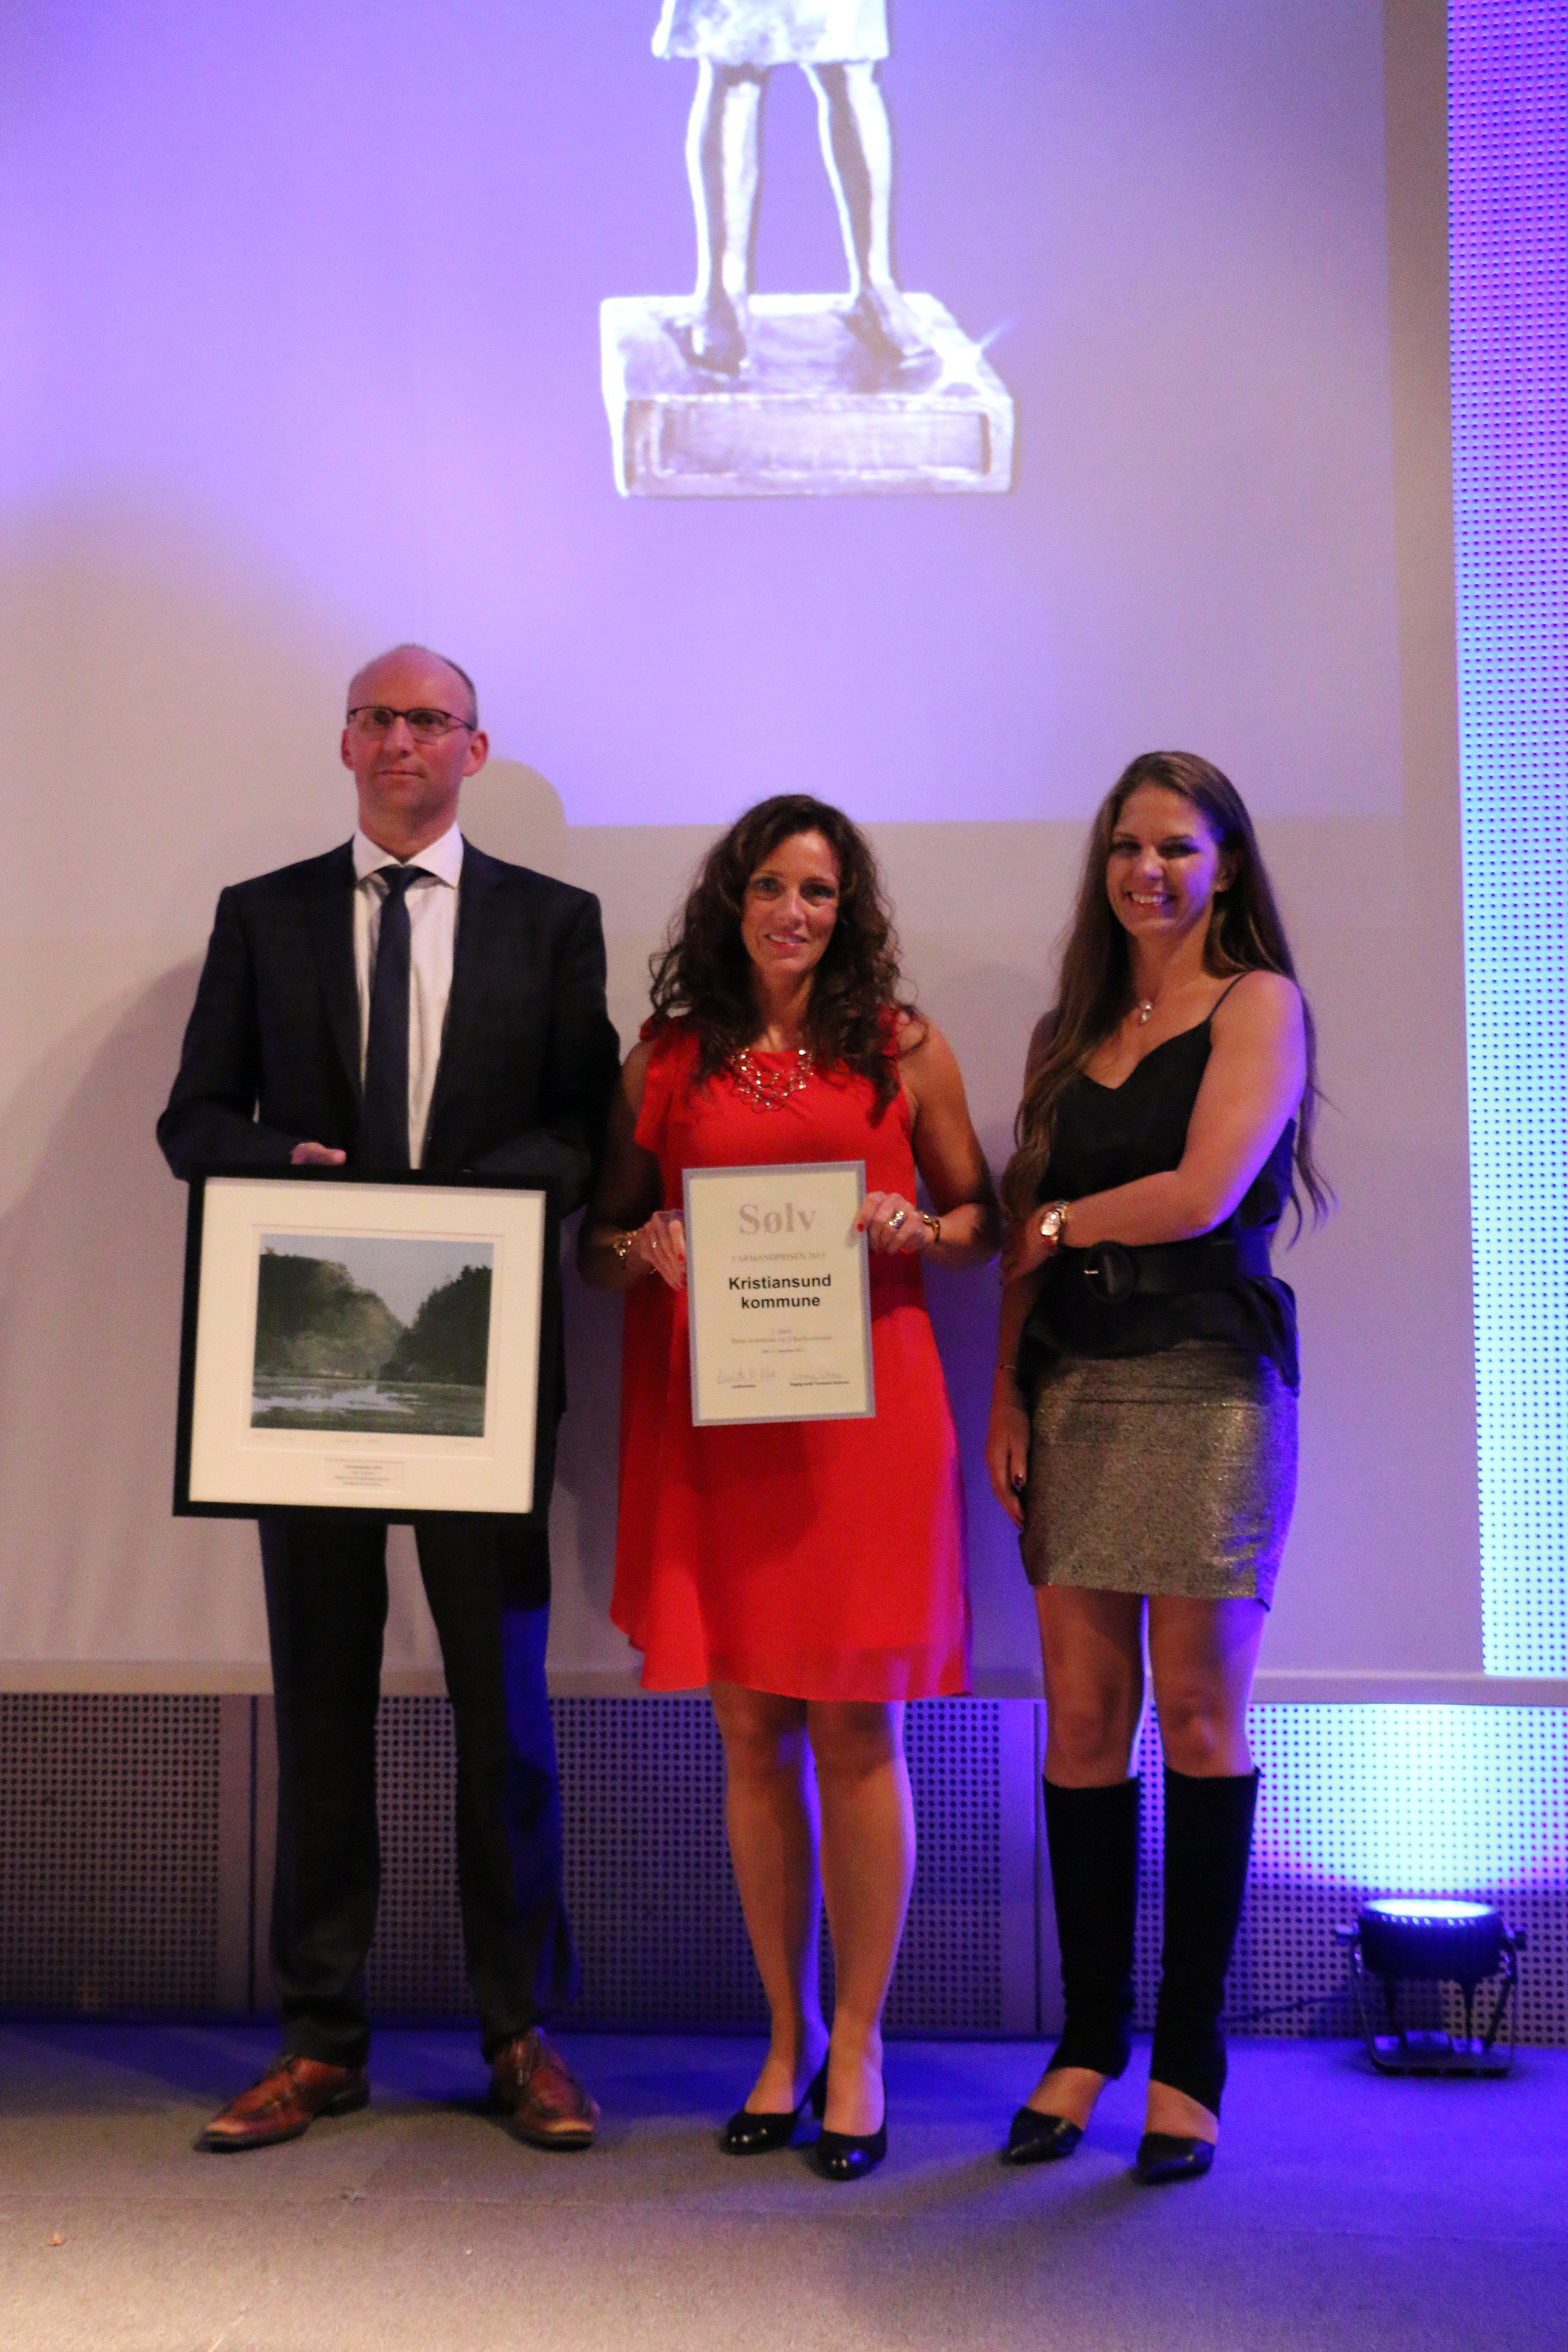 Farmandprisen Beste Årsrapport 2015 - Beste Kommune/fylkeskommune nr 2: Kristiansund kommune